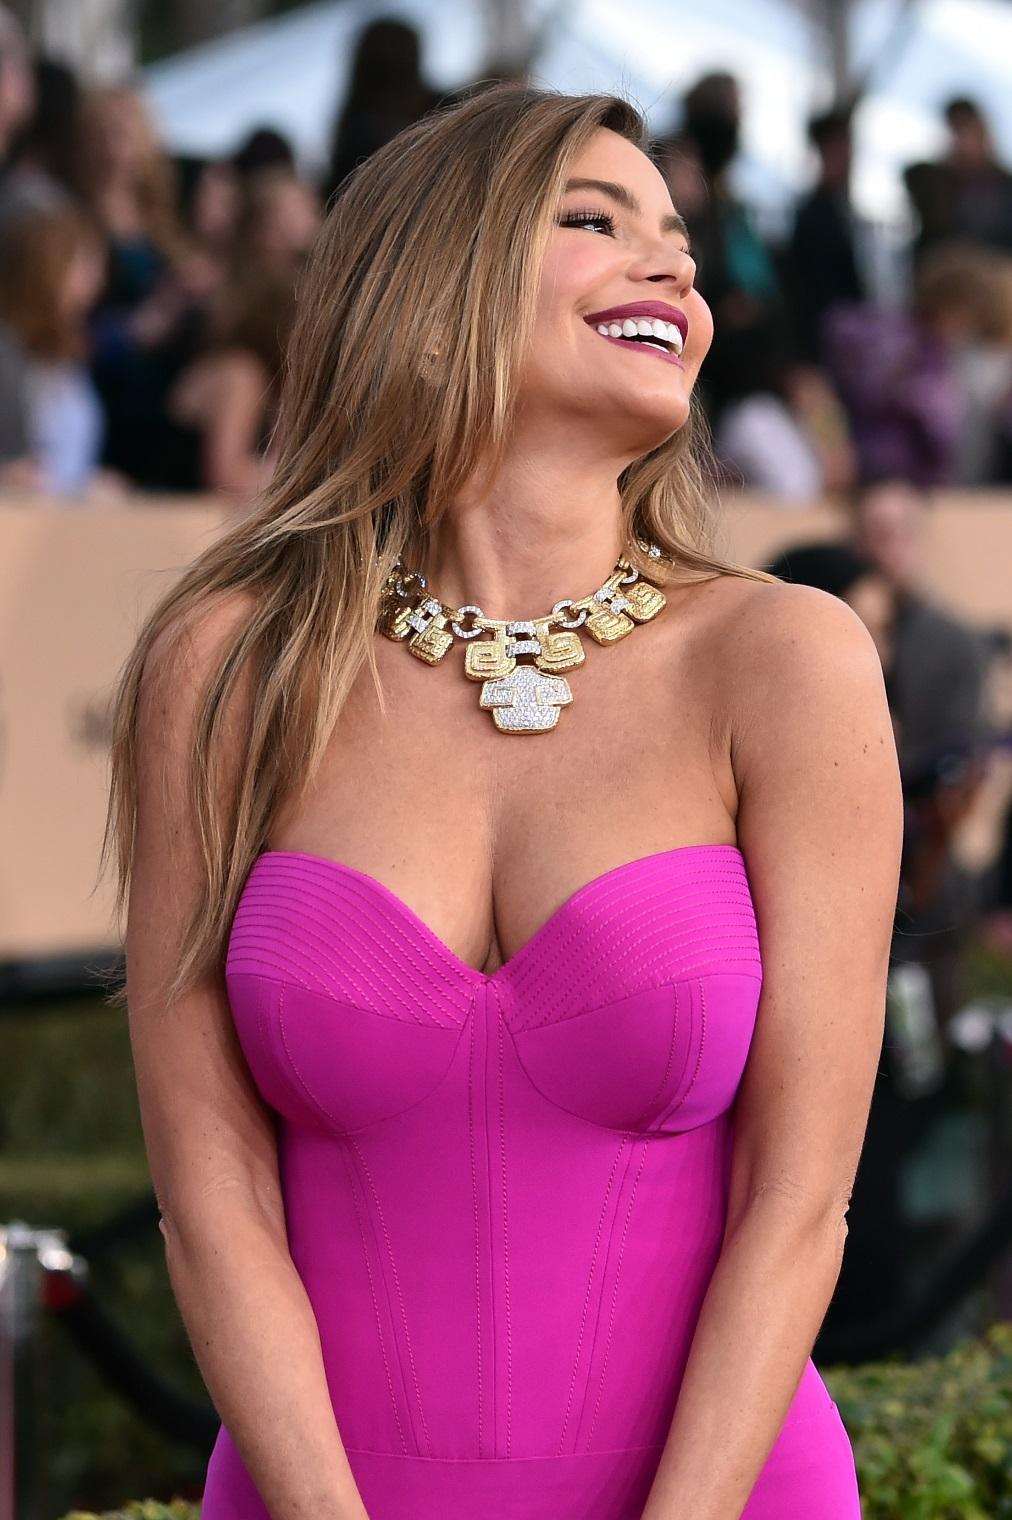 София Вергара - винаги усмихната и позитивна също е имала сериозен проблем с щитовидната жлеза. През 2002 година тя е водила битка с рака на този орган.